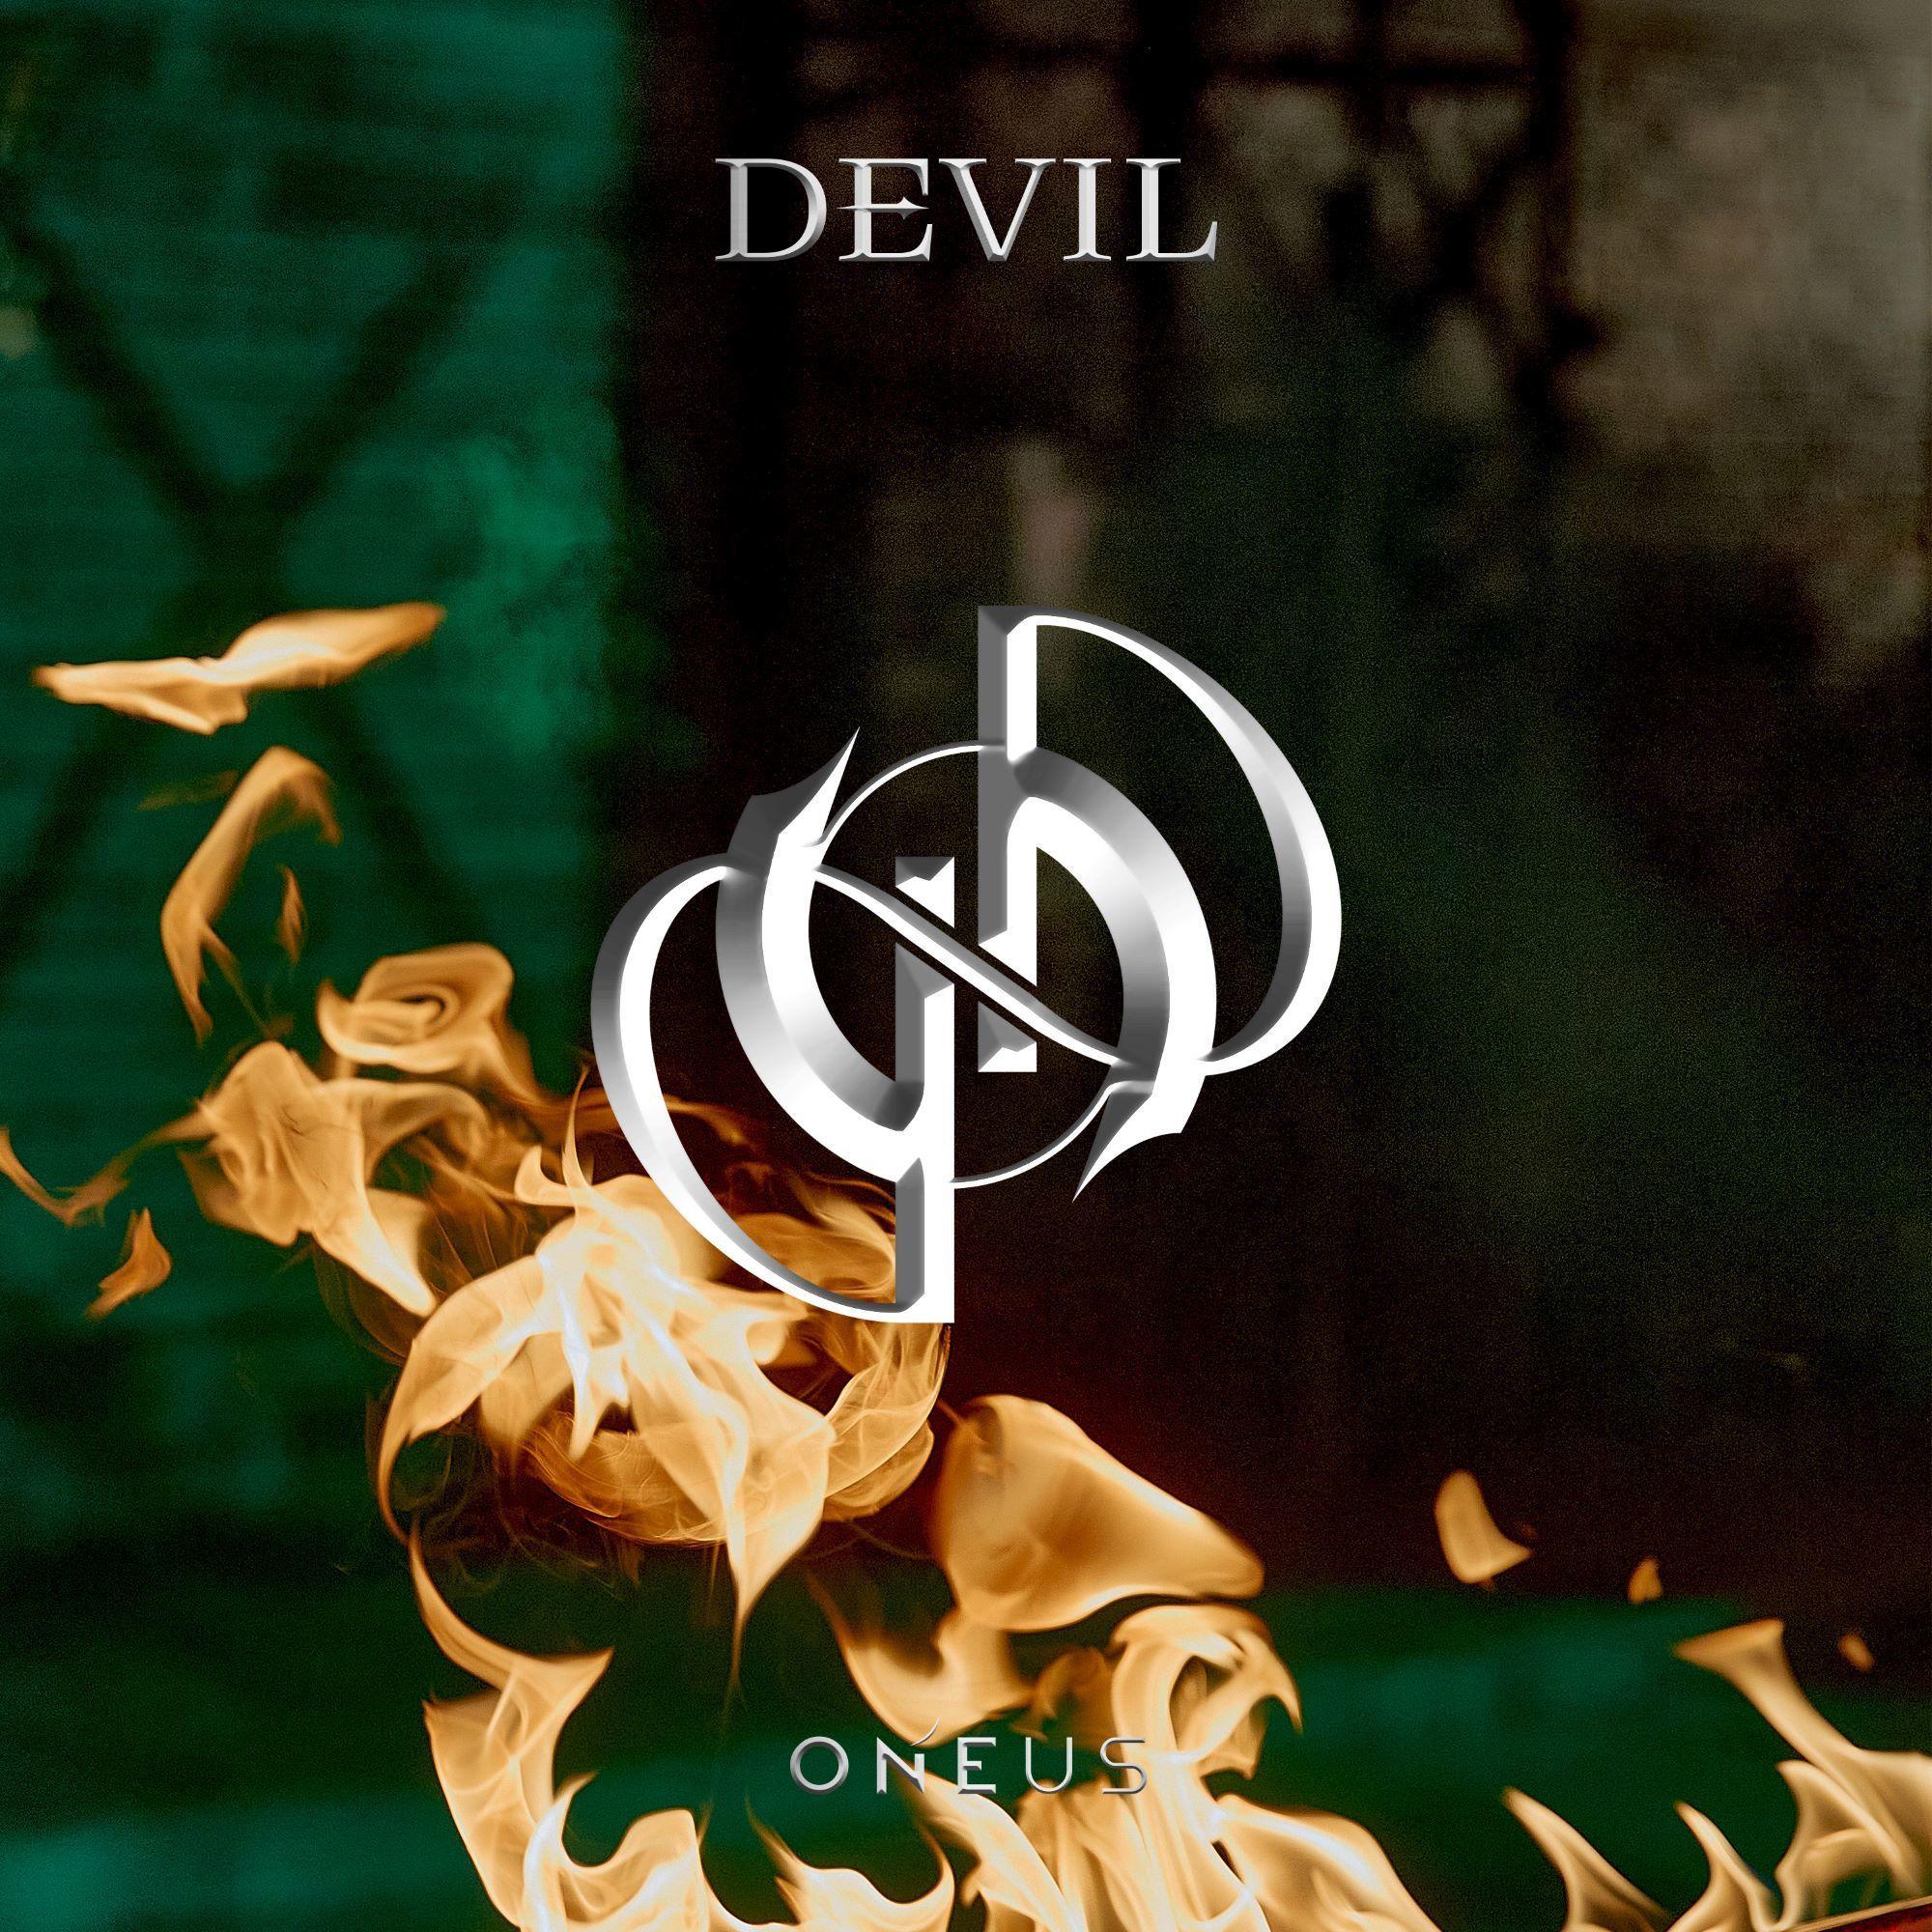 _oneus__devil_webjacket